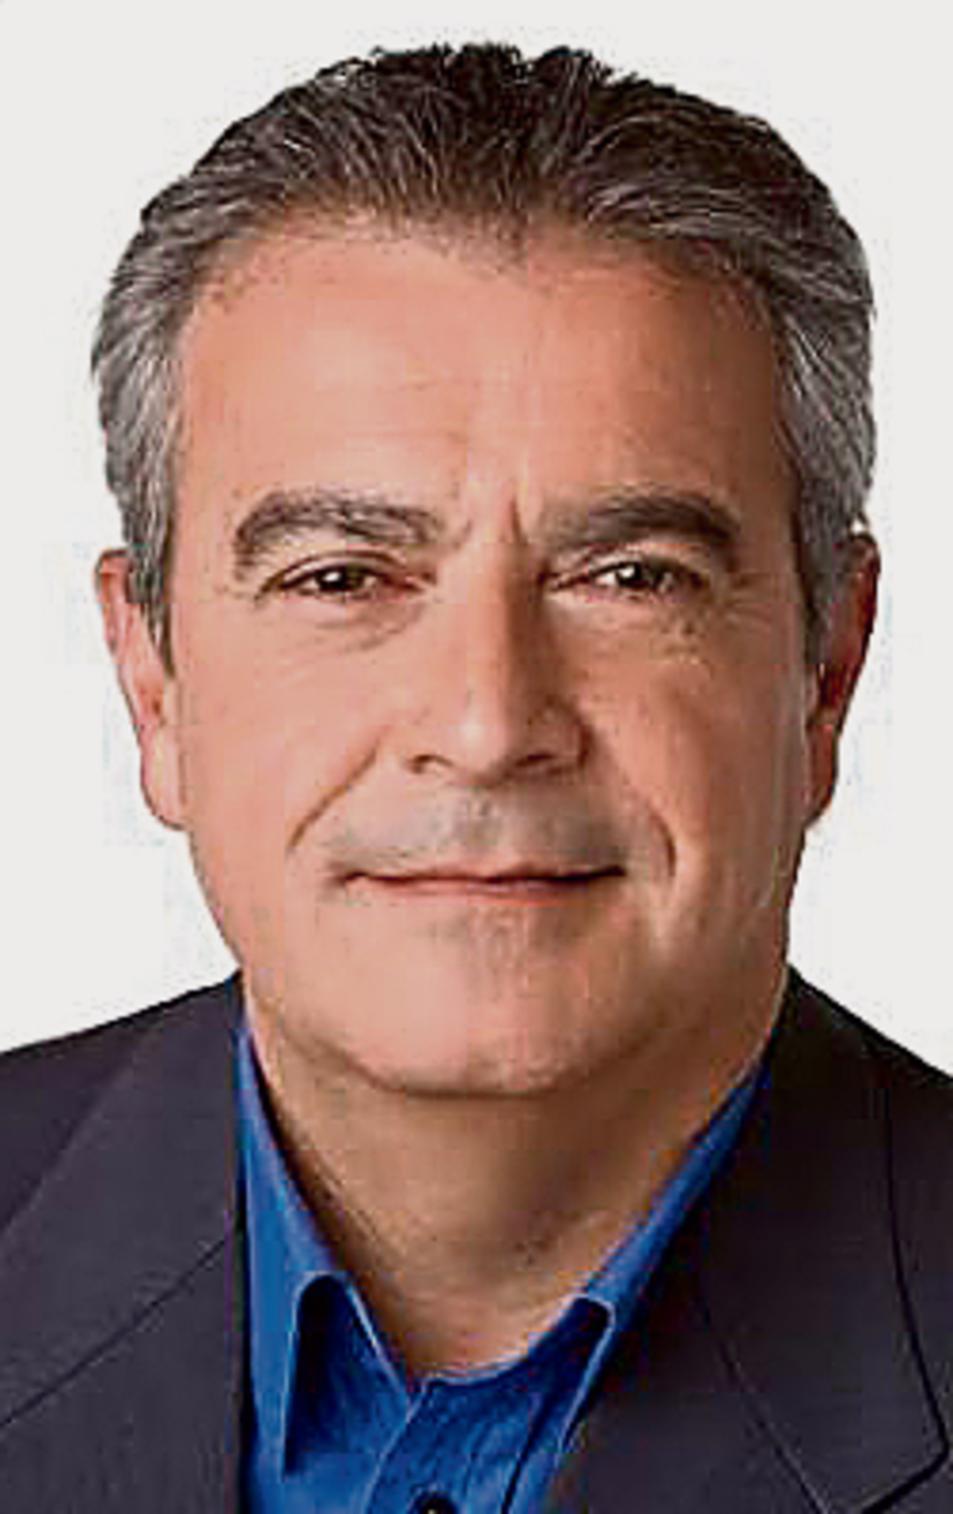 Alexandre Boquet